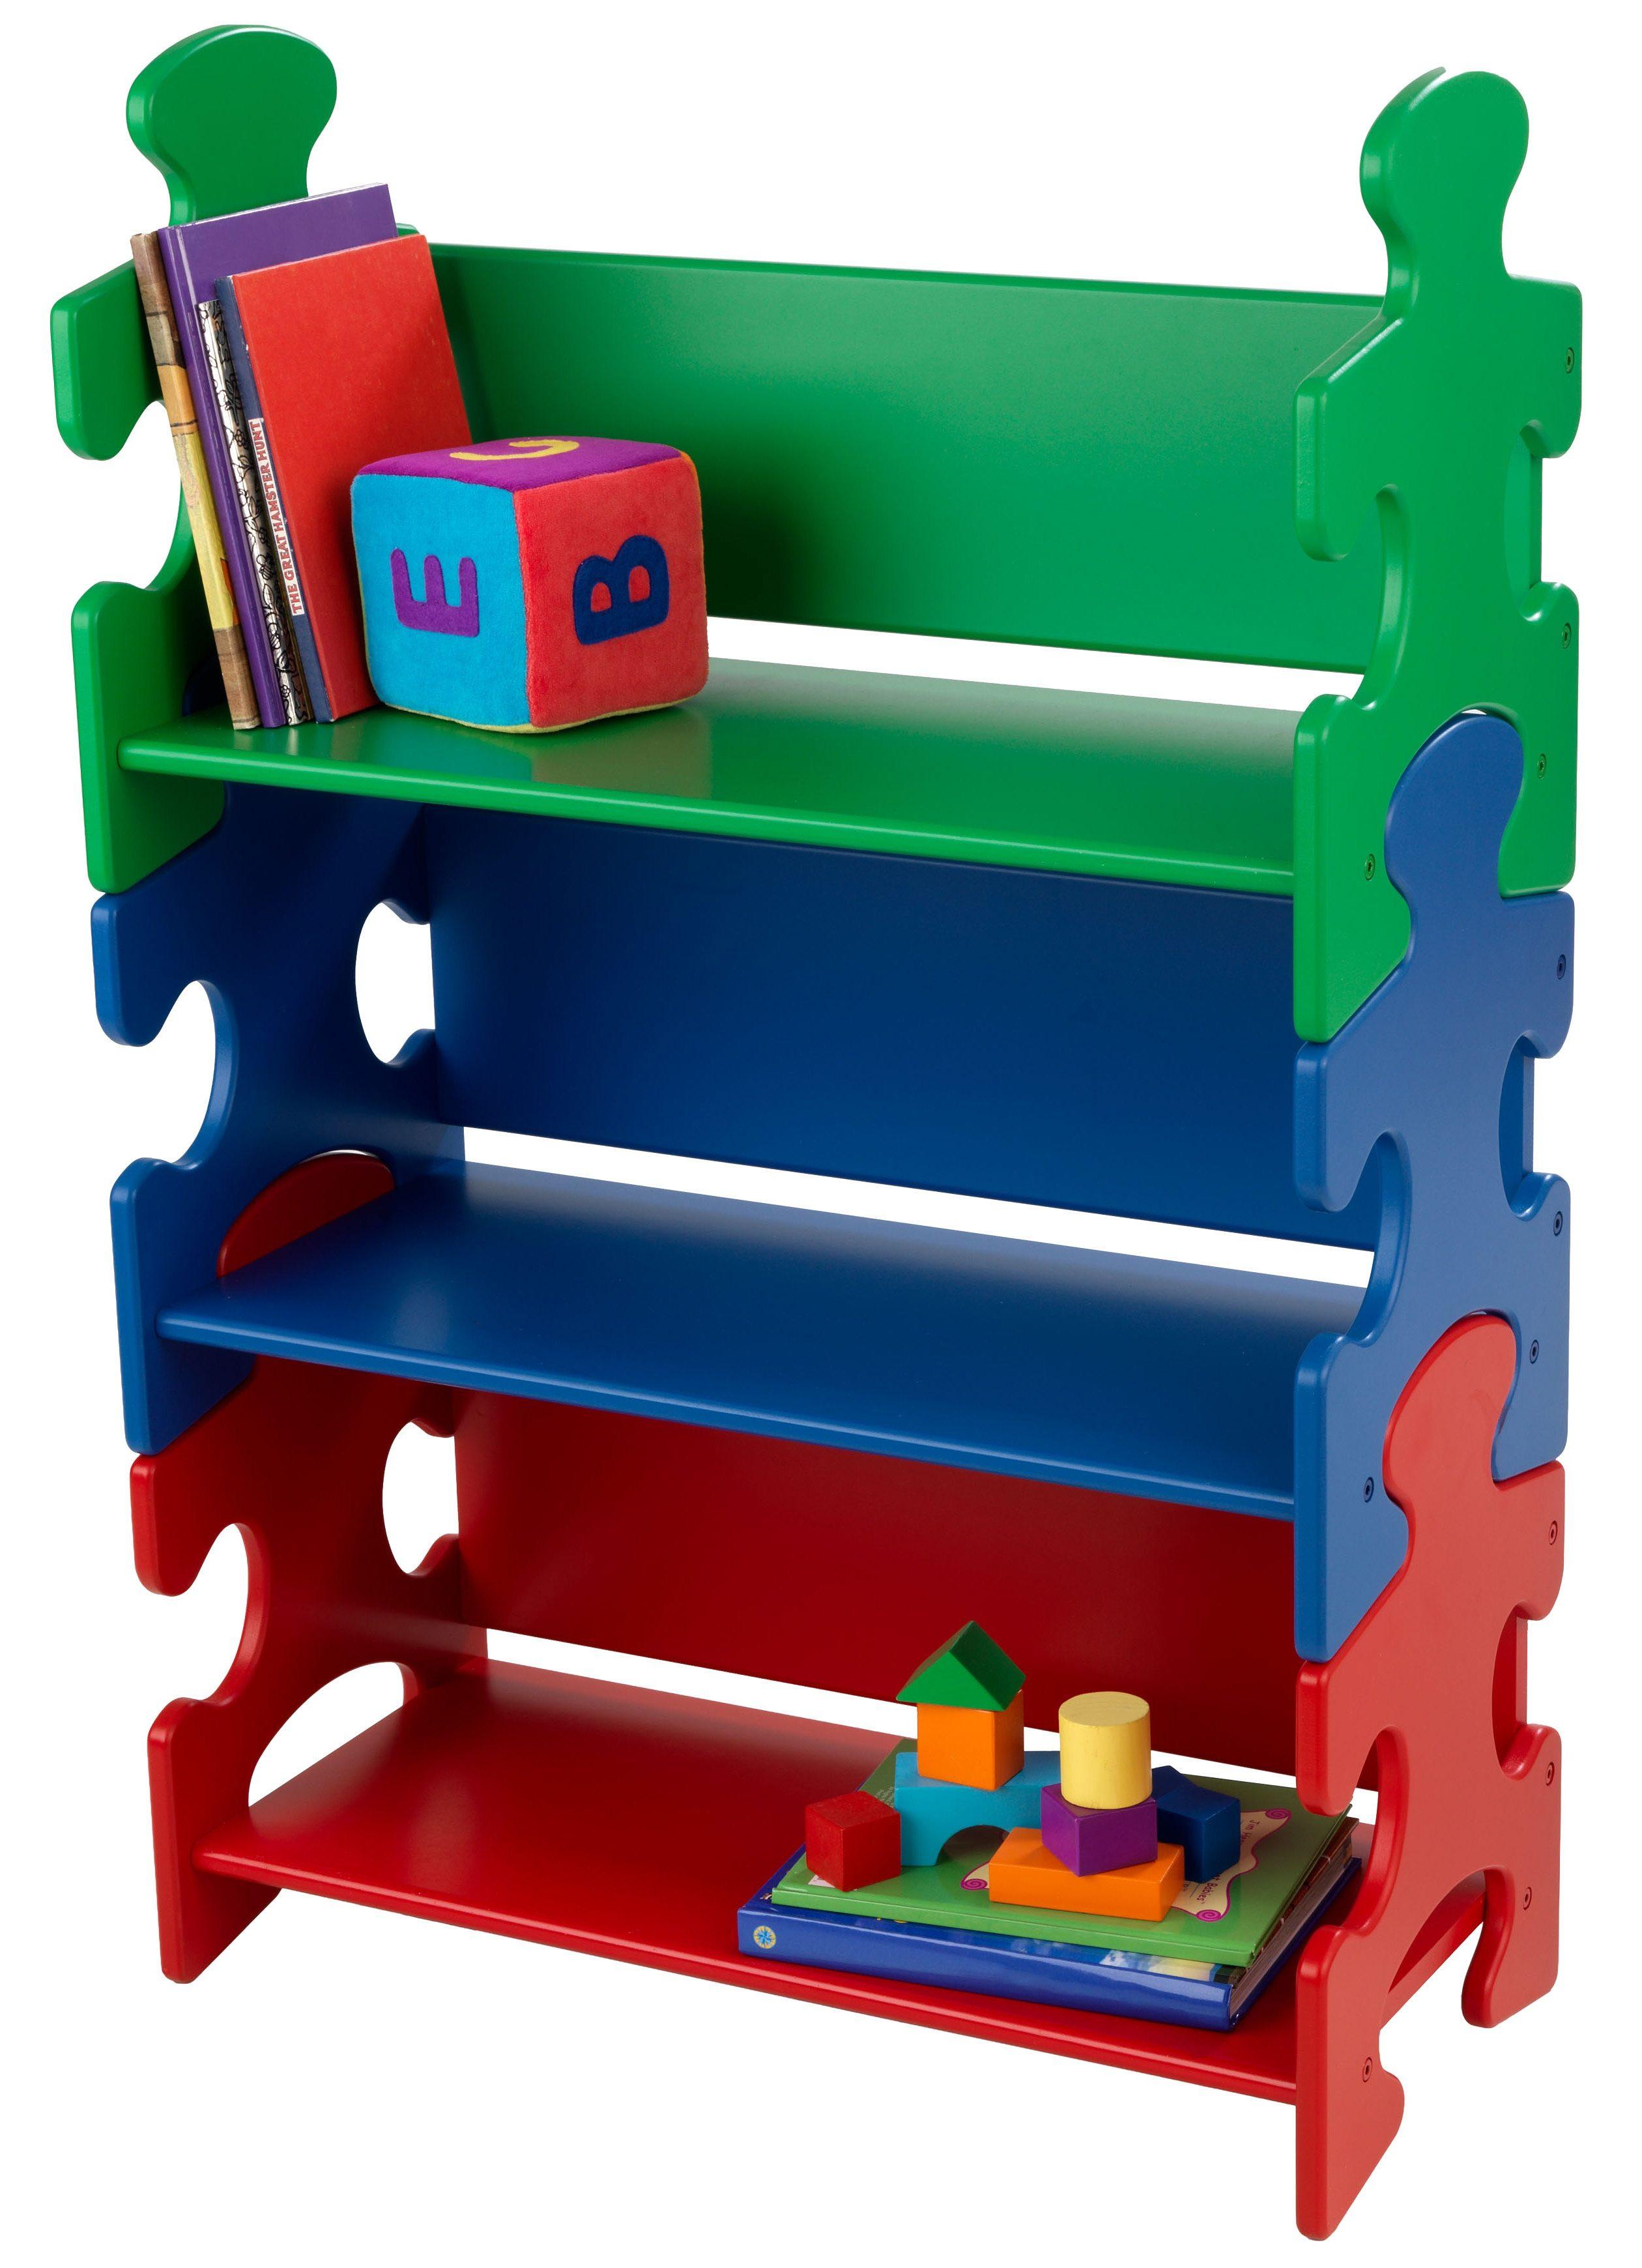 KidKraft Bücherregal Puzzle - Primary grün Kinder Ab 3-5 Jahren Altersempfehlung